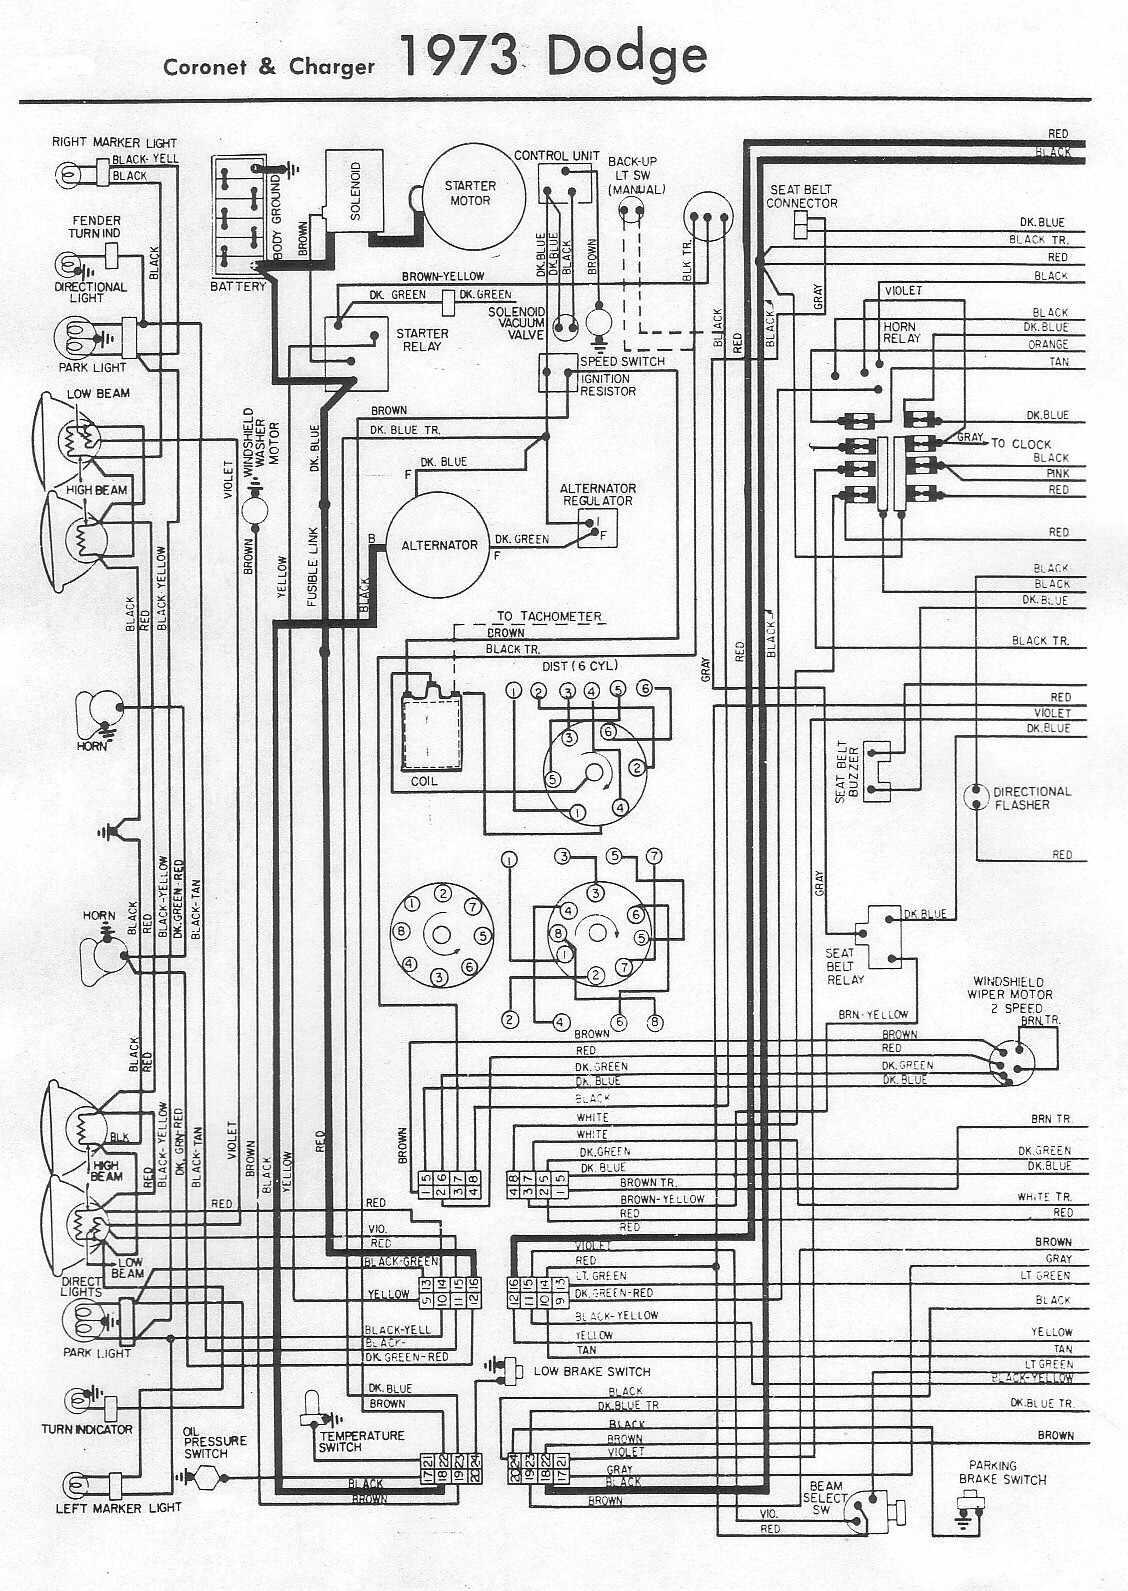 citroen saxo fuse box layout wiring librarycitroen saxo fuse box diagram wiring diagrams source blazer [ 1128 x 1591 Pixel ]